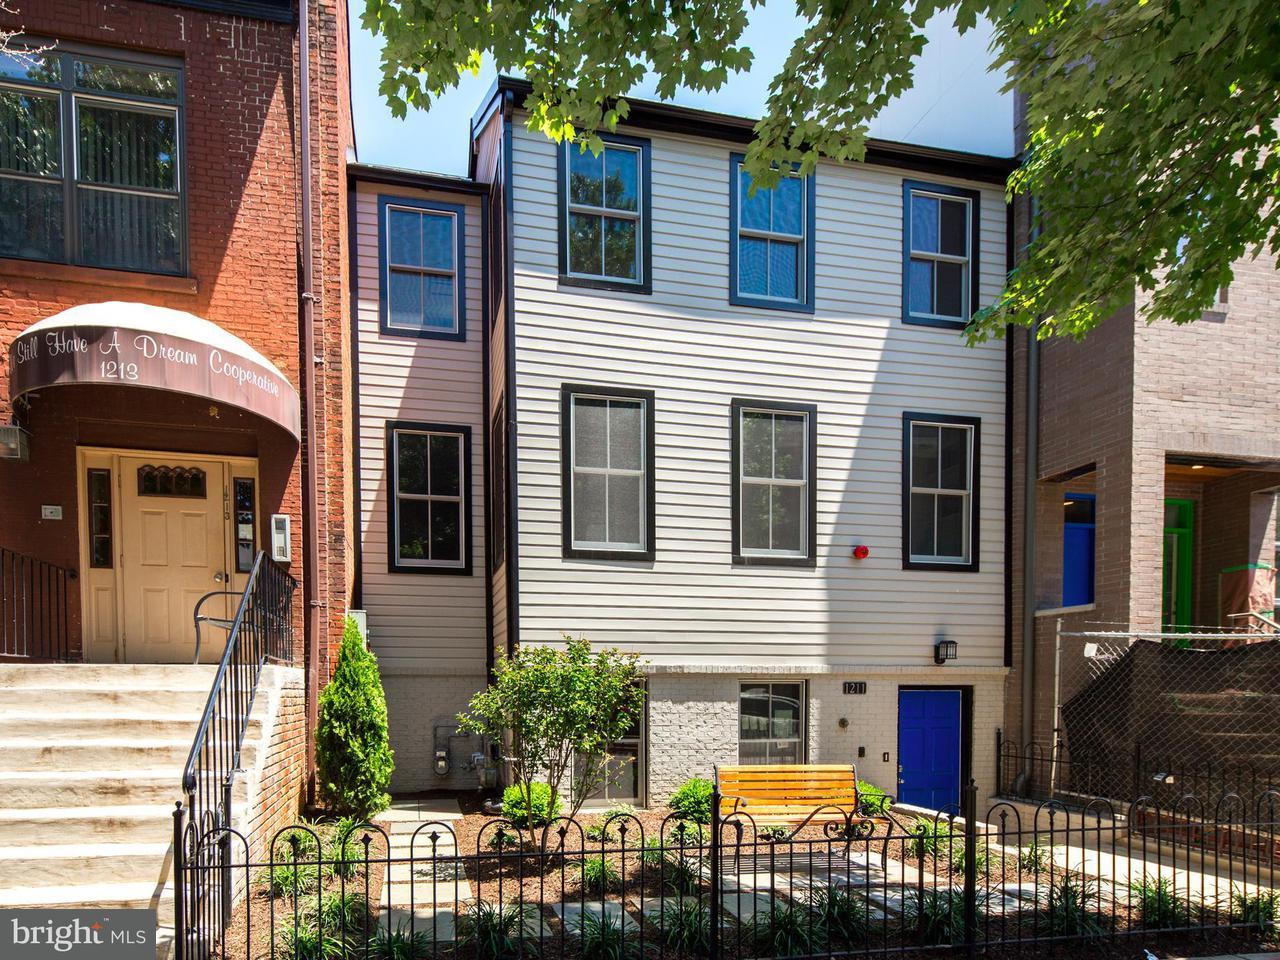 Πολυκατοικία ατομικής ιδιοκτησίας για την Πώληση στο 1211 10th St Nw #2 1211 10th St Nw #2 Washington, Περιφερεια Τησ Κολουμπια 20001 Ηνωμενεσ Πολιτειεσ